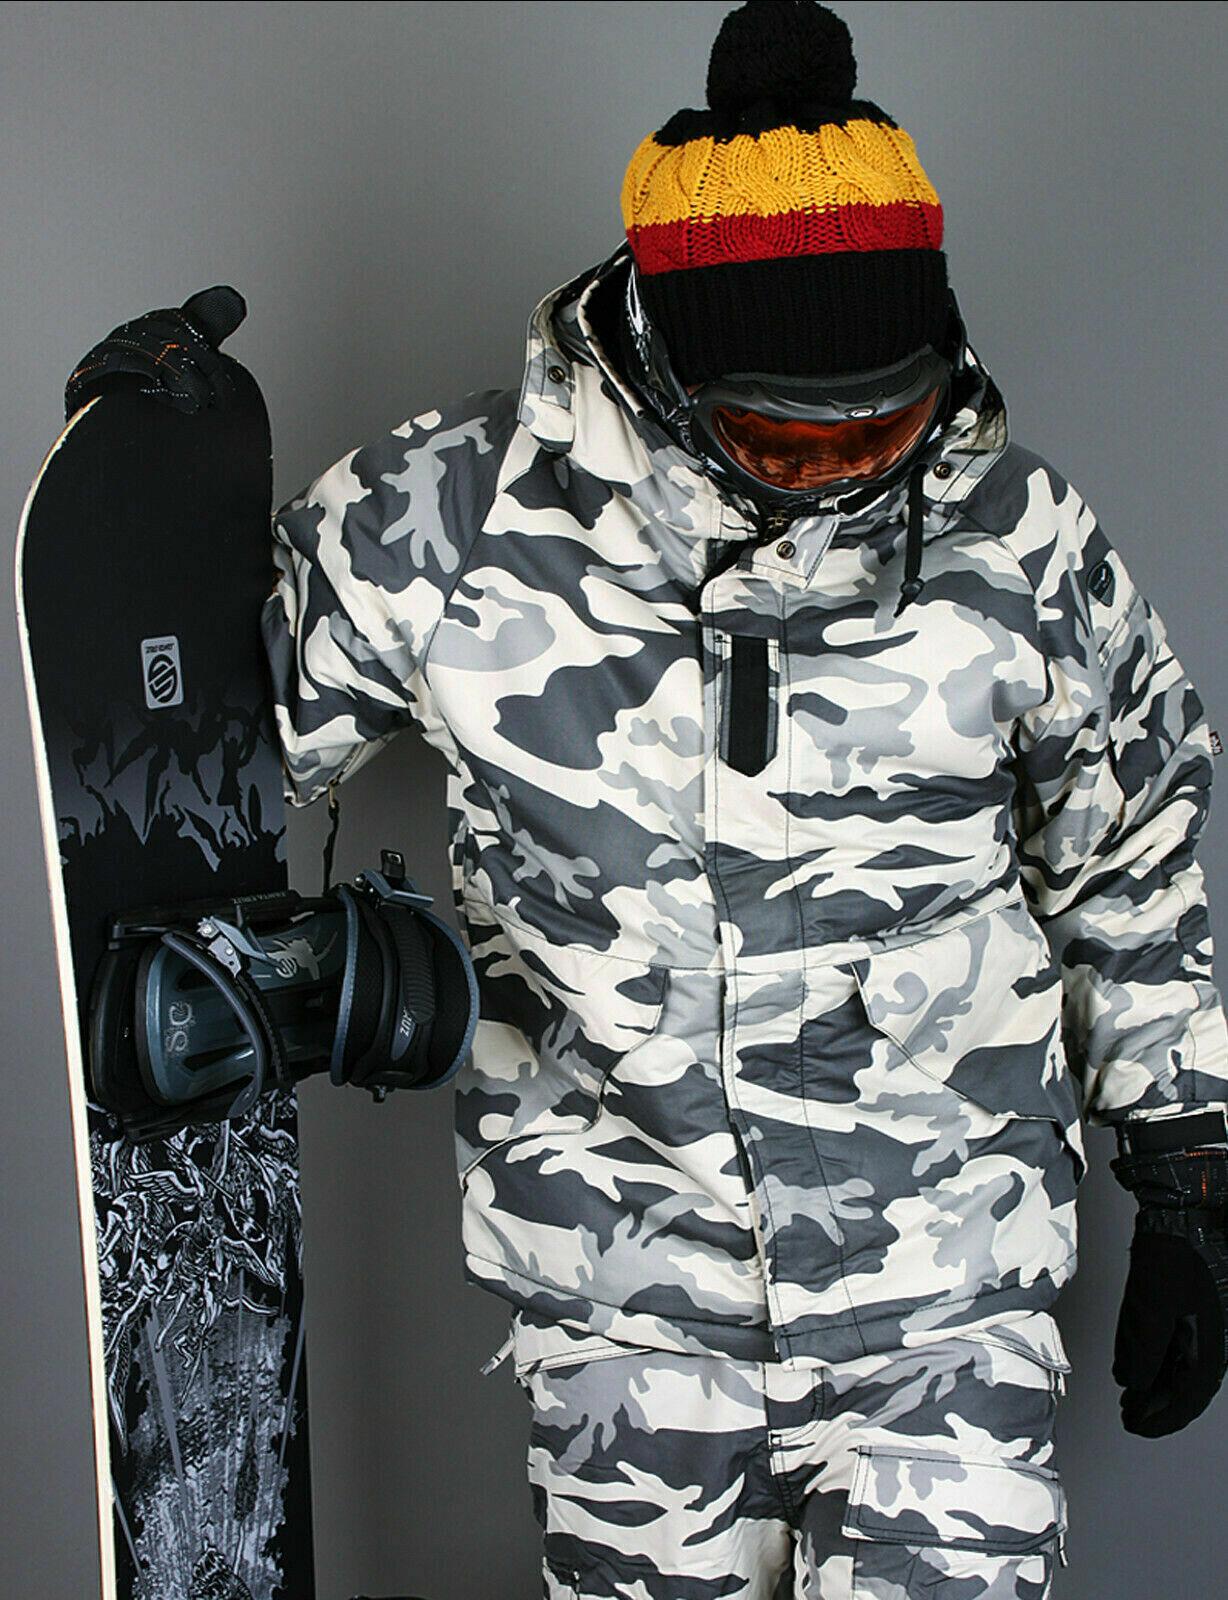 K style  weißes Militär Winter wasserdicht Ski-Snowboard Jacke SXXL